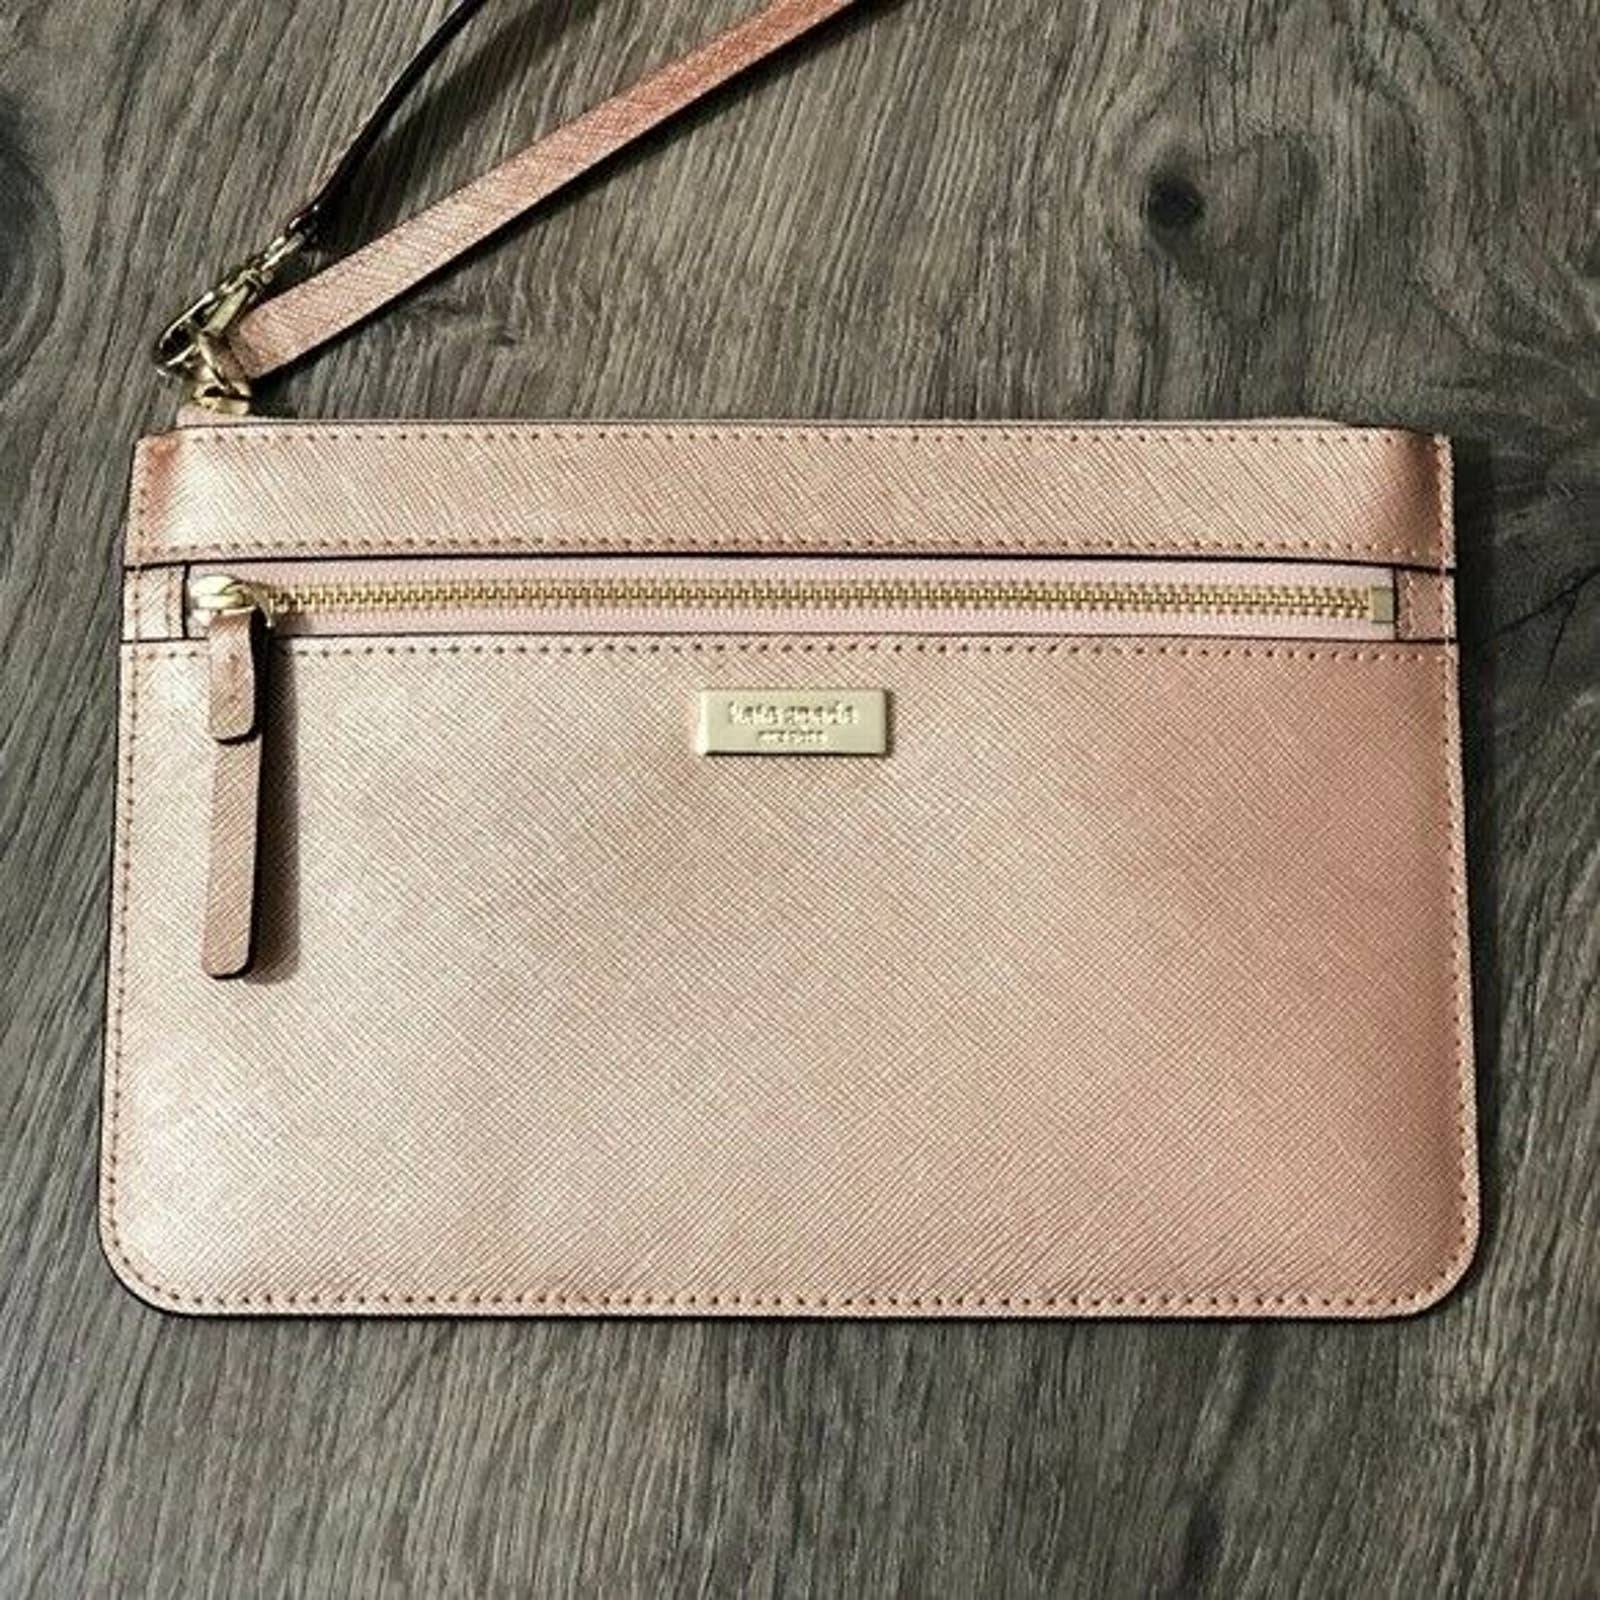 Kate Spade  Rose gold Wristlet BAG